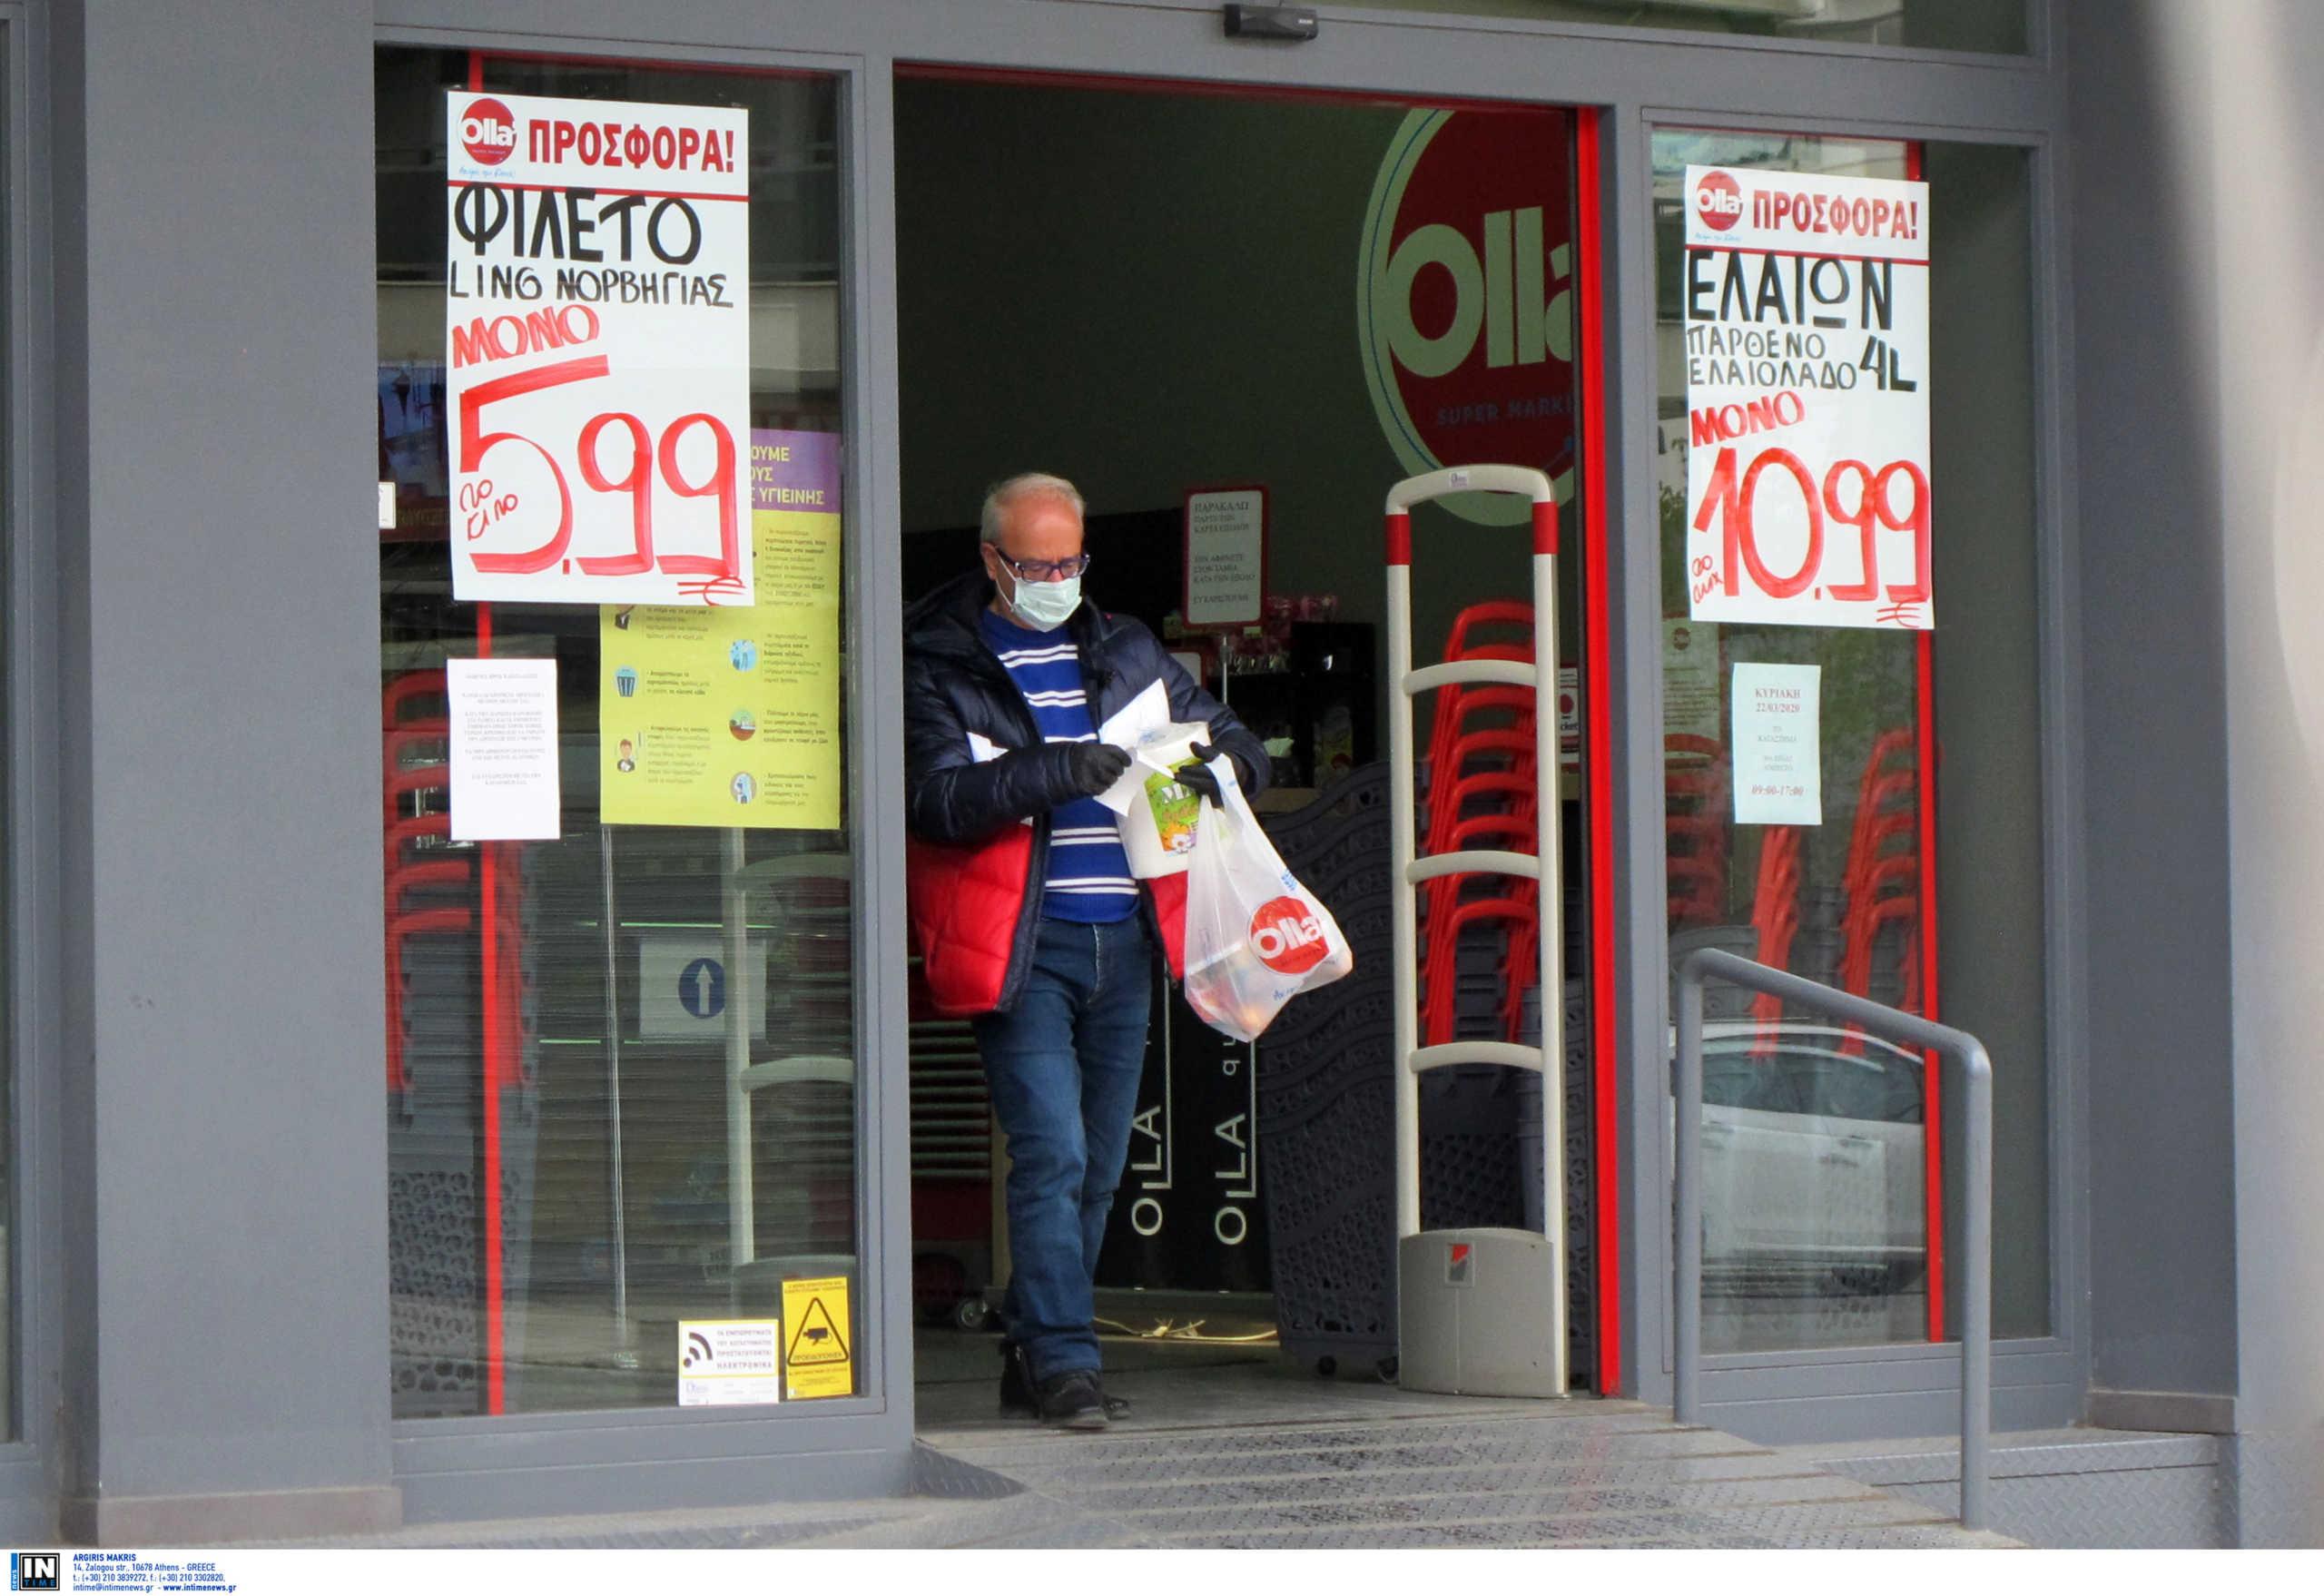 Ξεπούλησαν τα σούπερ μάρκετ – Αύξηση εσόδων 24% και τζίρος 1,4 δισεκ. ευρώ